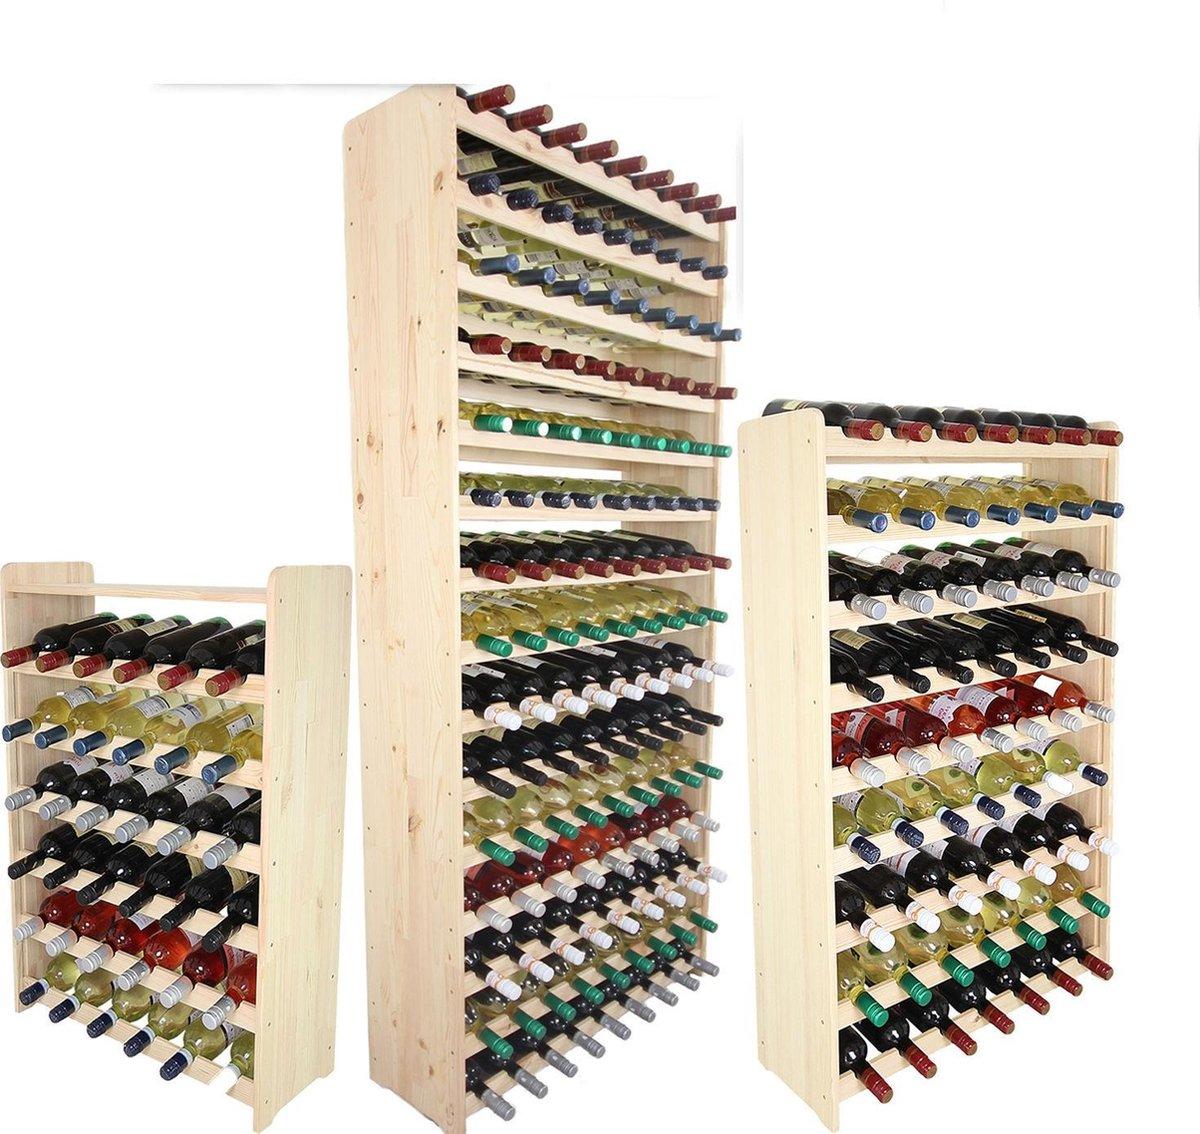 Wijnrek -Hout wijnrek - 38x42x26,5 cm (LxBxD) - Massief Hout - 12 flessen - Flessenrek Modulair en Stapelbaar - Flessenhouder Staand